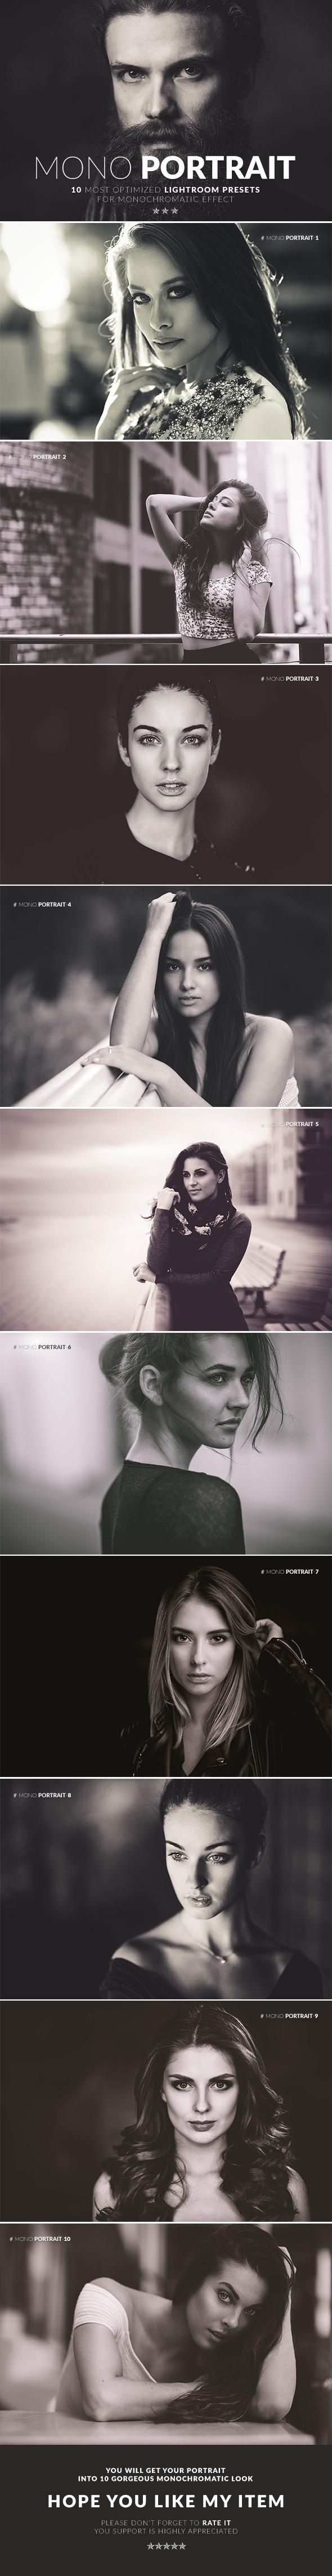 Mono Portrait Lightroom Presets - Lightroom Presets Add-ons